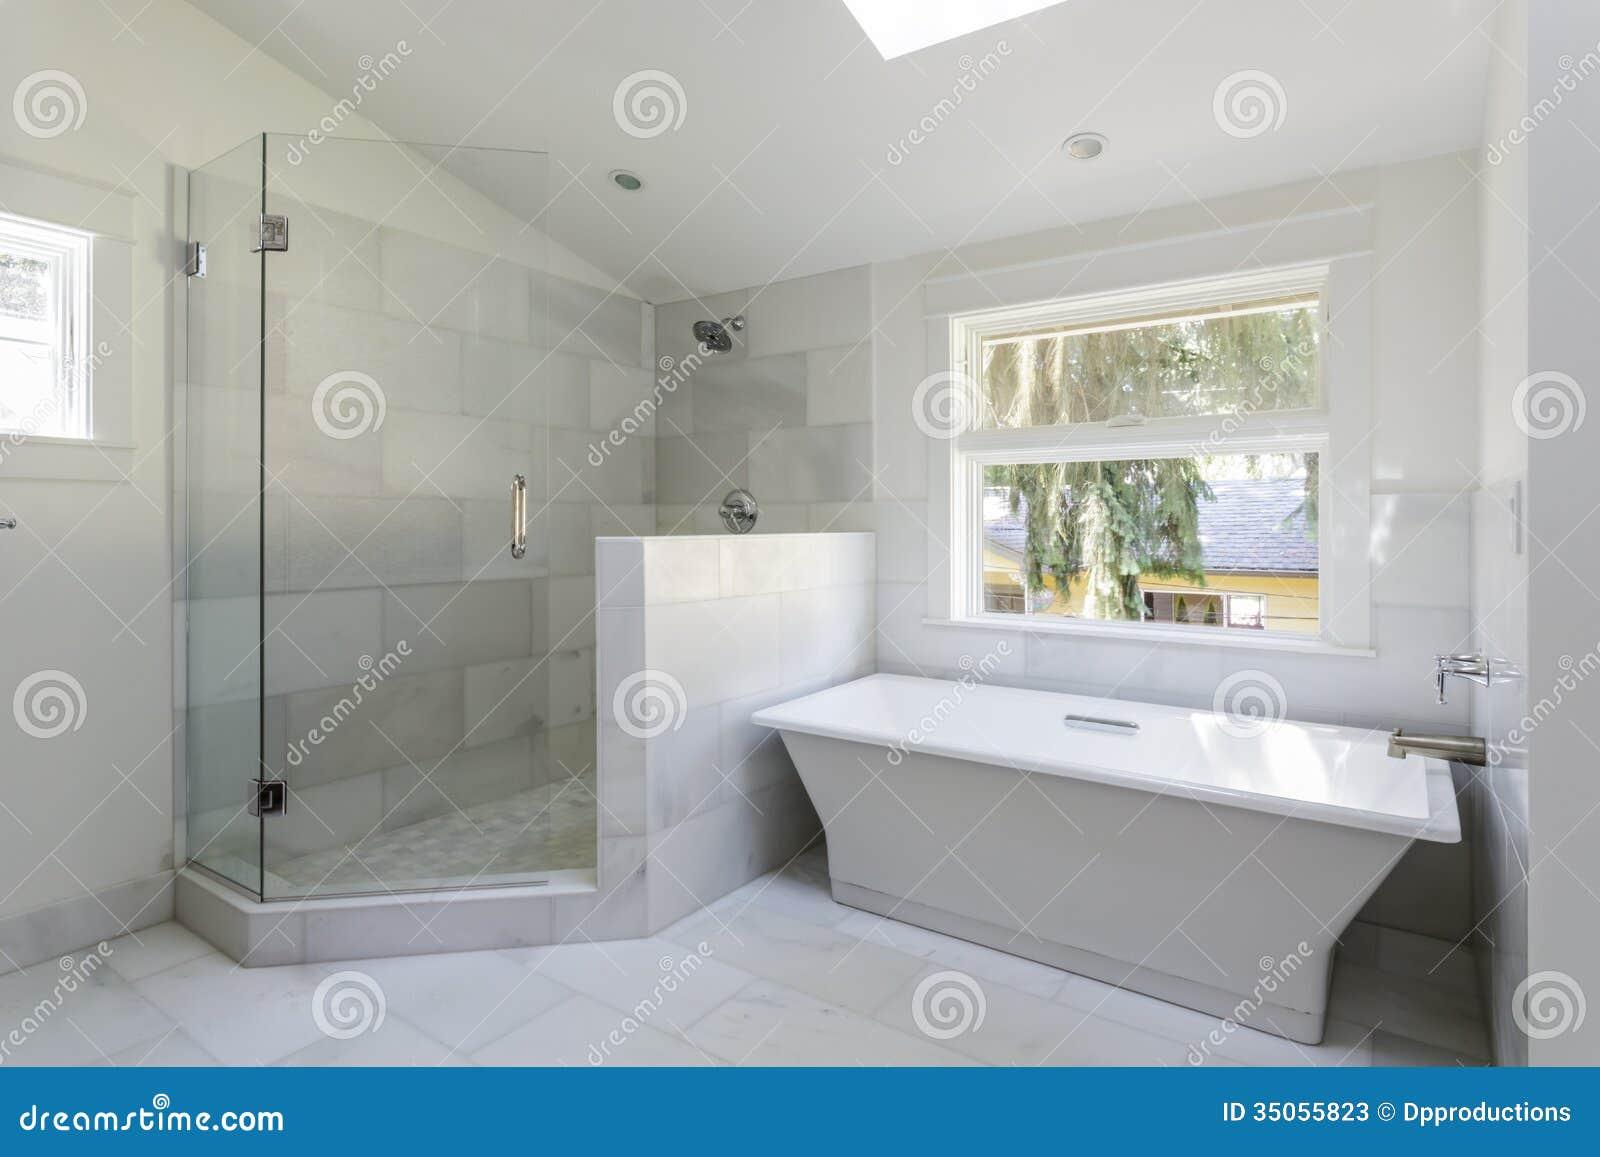 Salle de bains moderne avec la douche et la baignoire for Photo salle de douche moderne